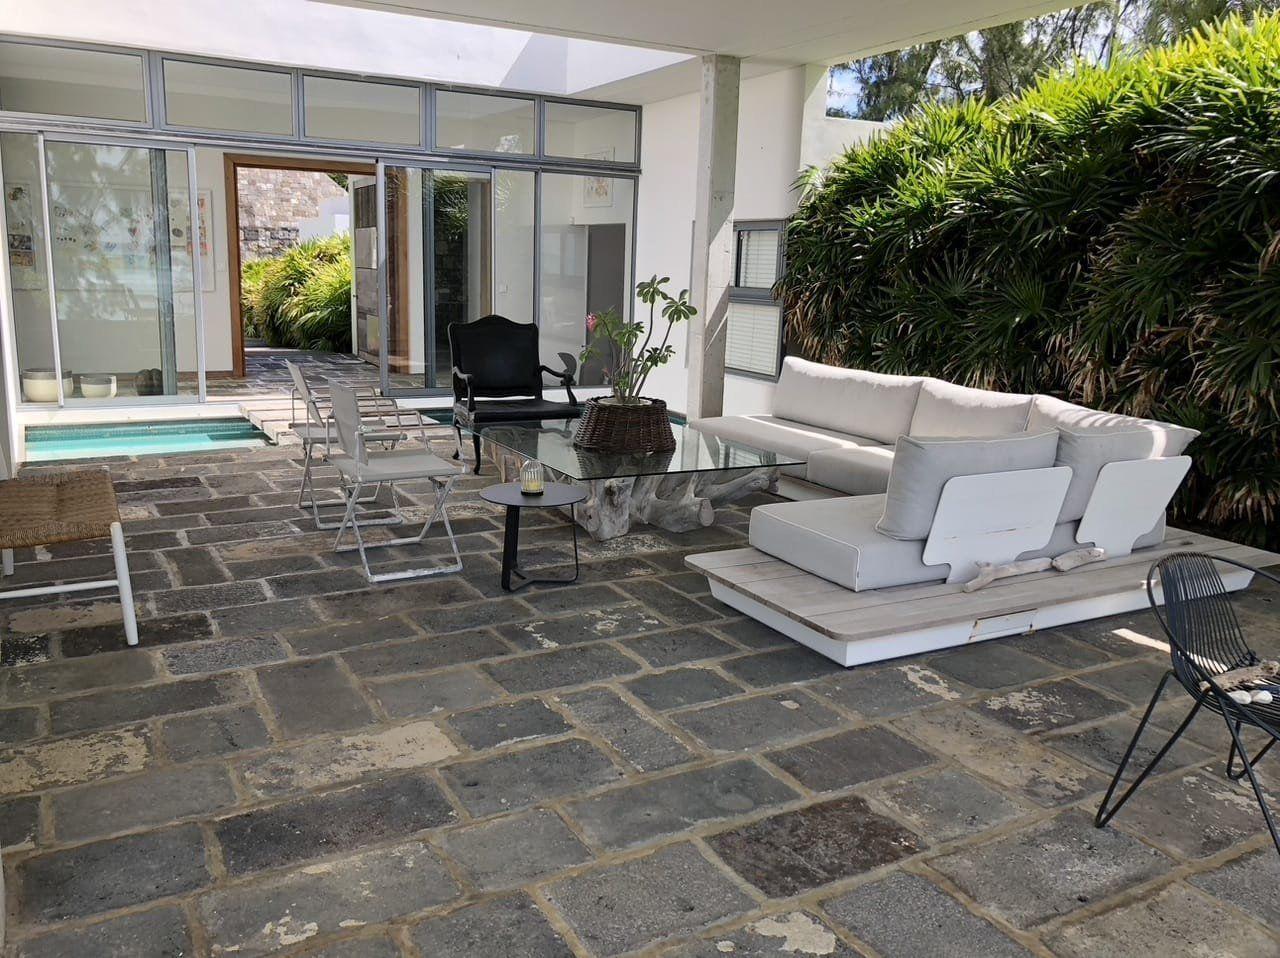 Maison à vendre 5 3657.57m2 à Ile Maurice vignette-16